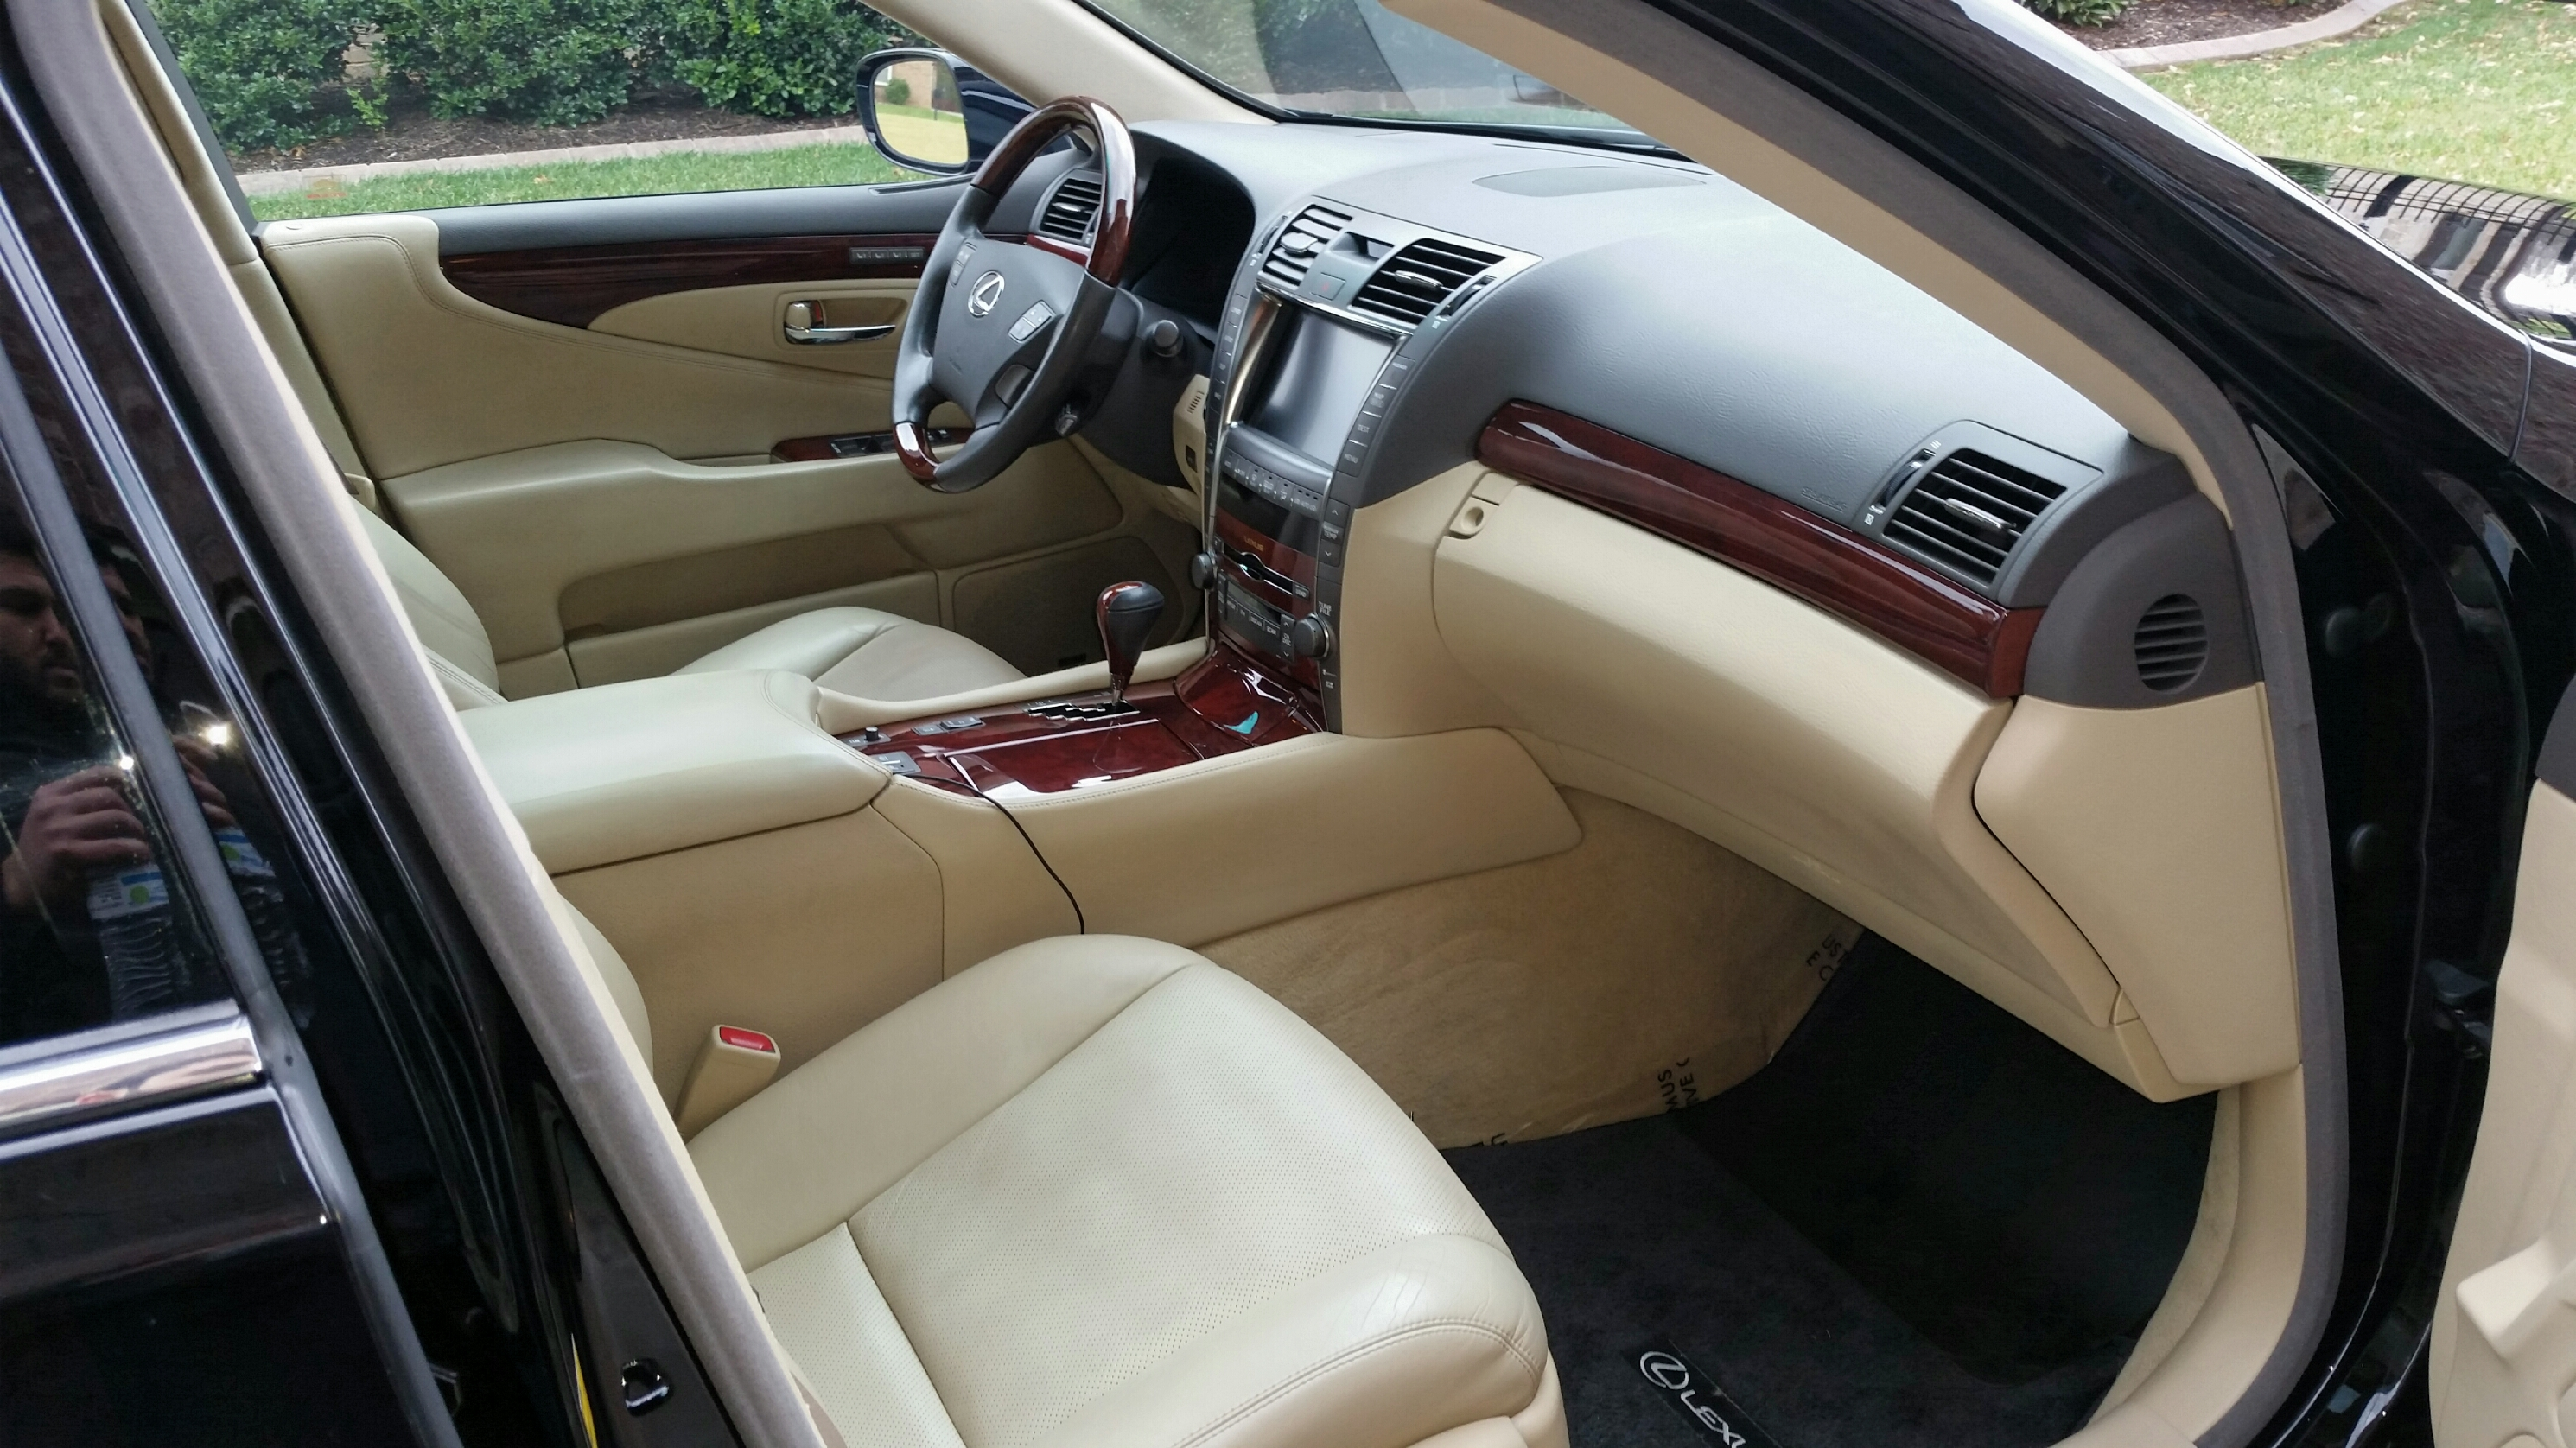 2008 lexus ls 460 interior